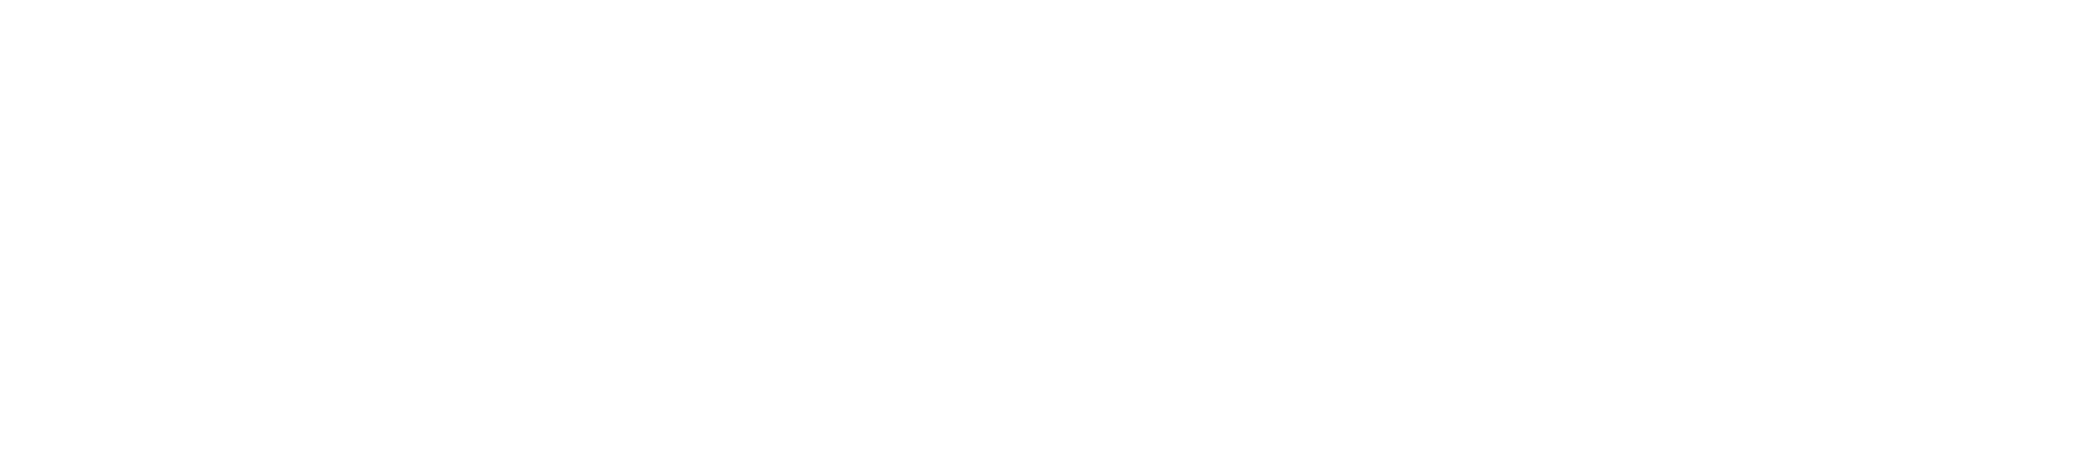 sponsoring dreams